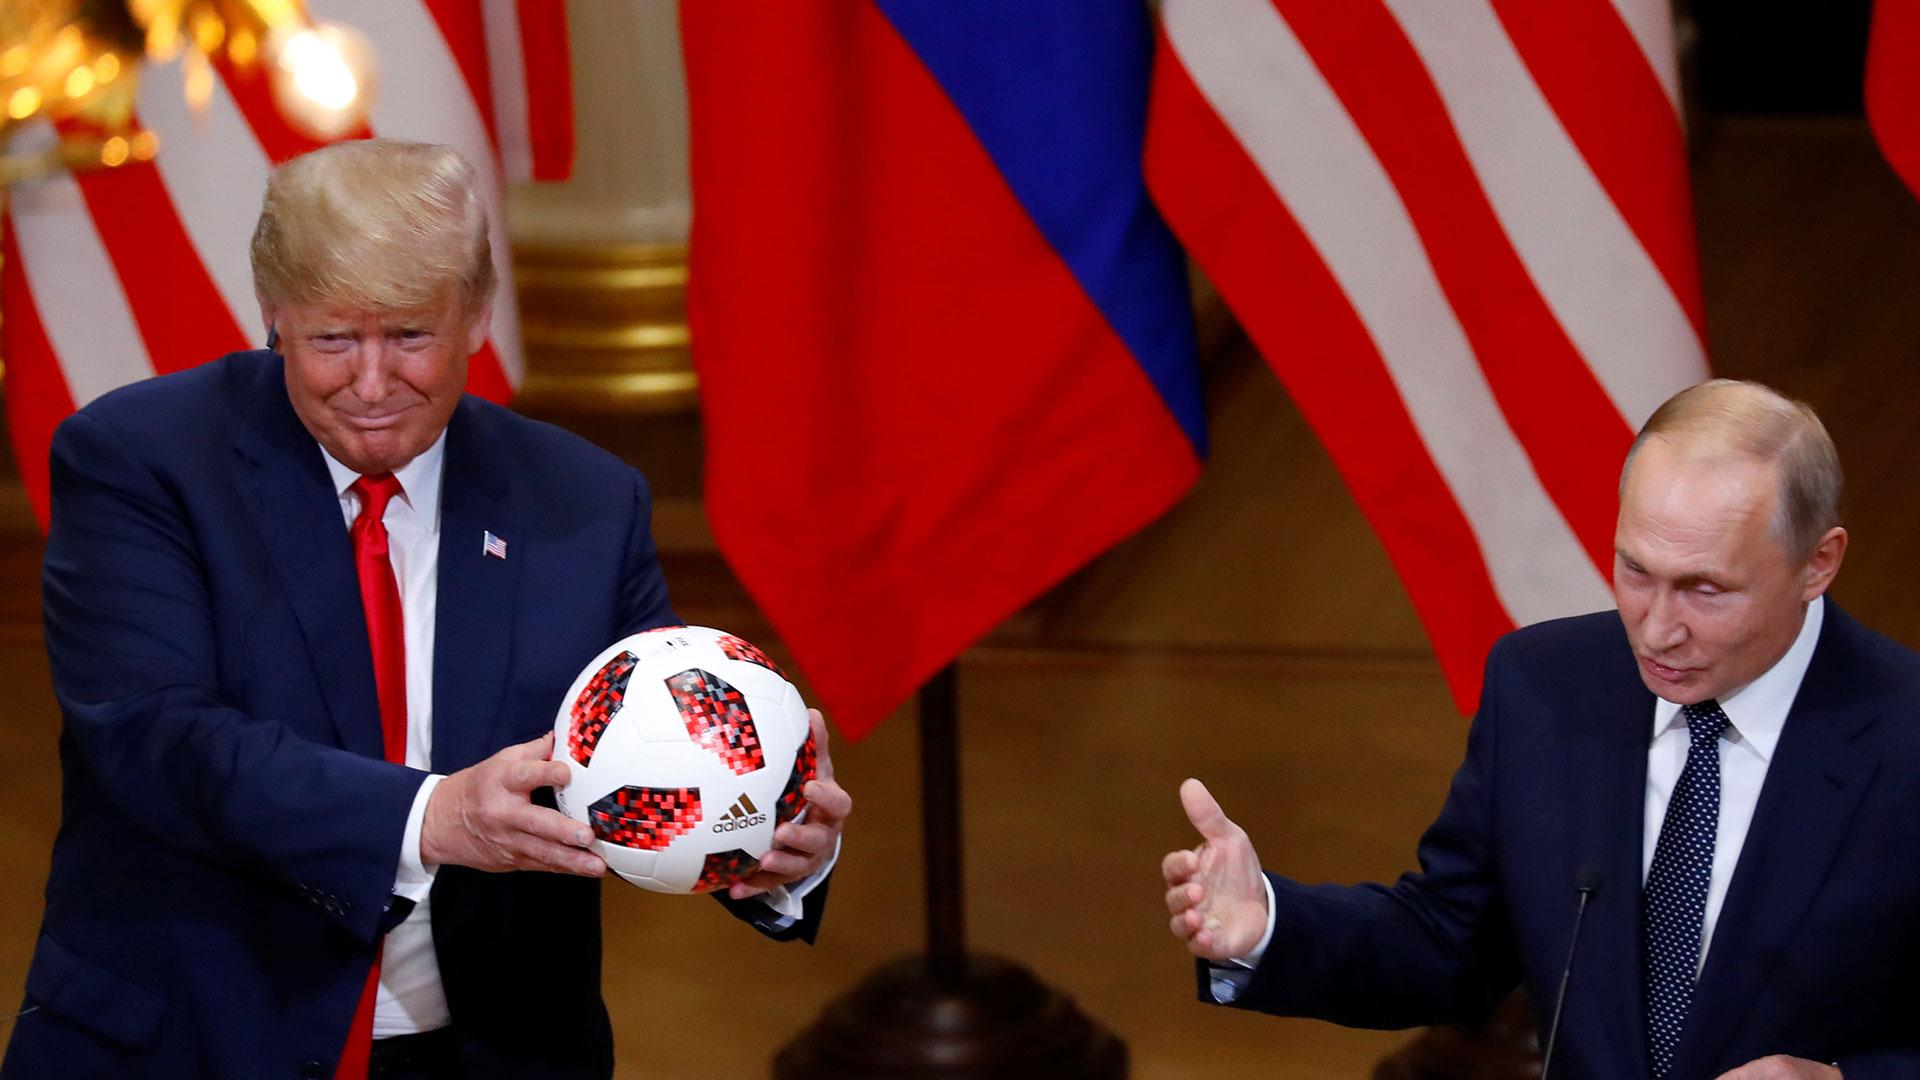 En una de las escenas curiosas de la tarde, Putin le entregó una pelota a Trump como metáfora del turno de actuar